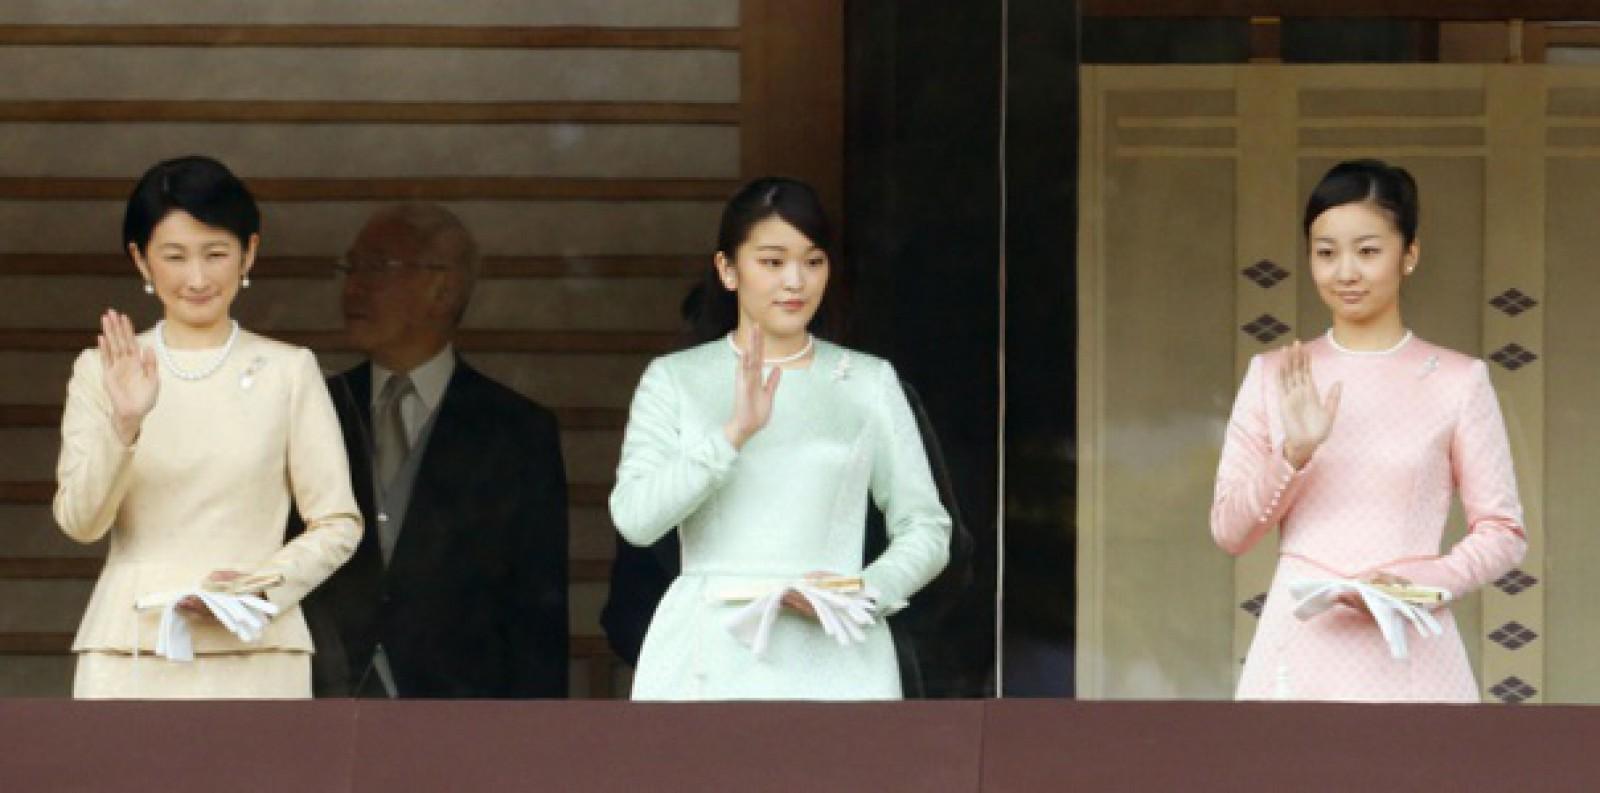 Prinţesa Mako a Japoniei, care va renunţa la titlu pentru a se căsători cu iubitul ei, amână nunta